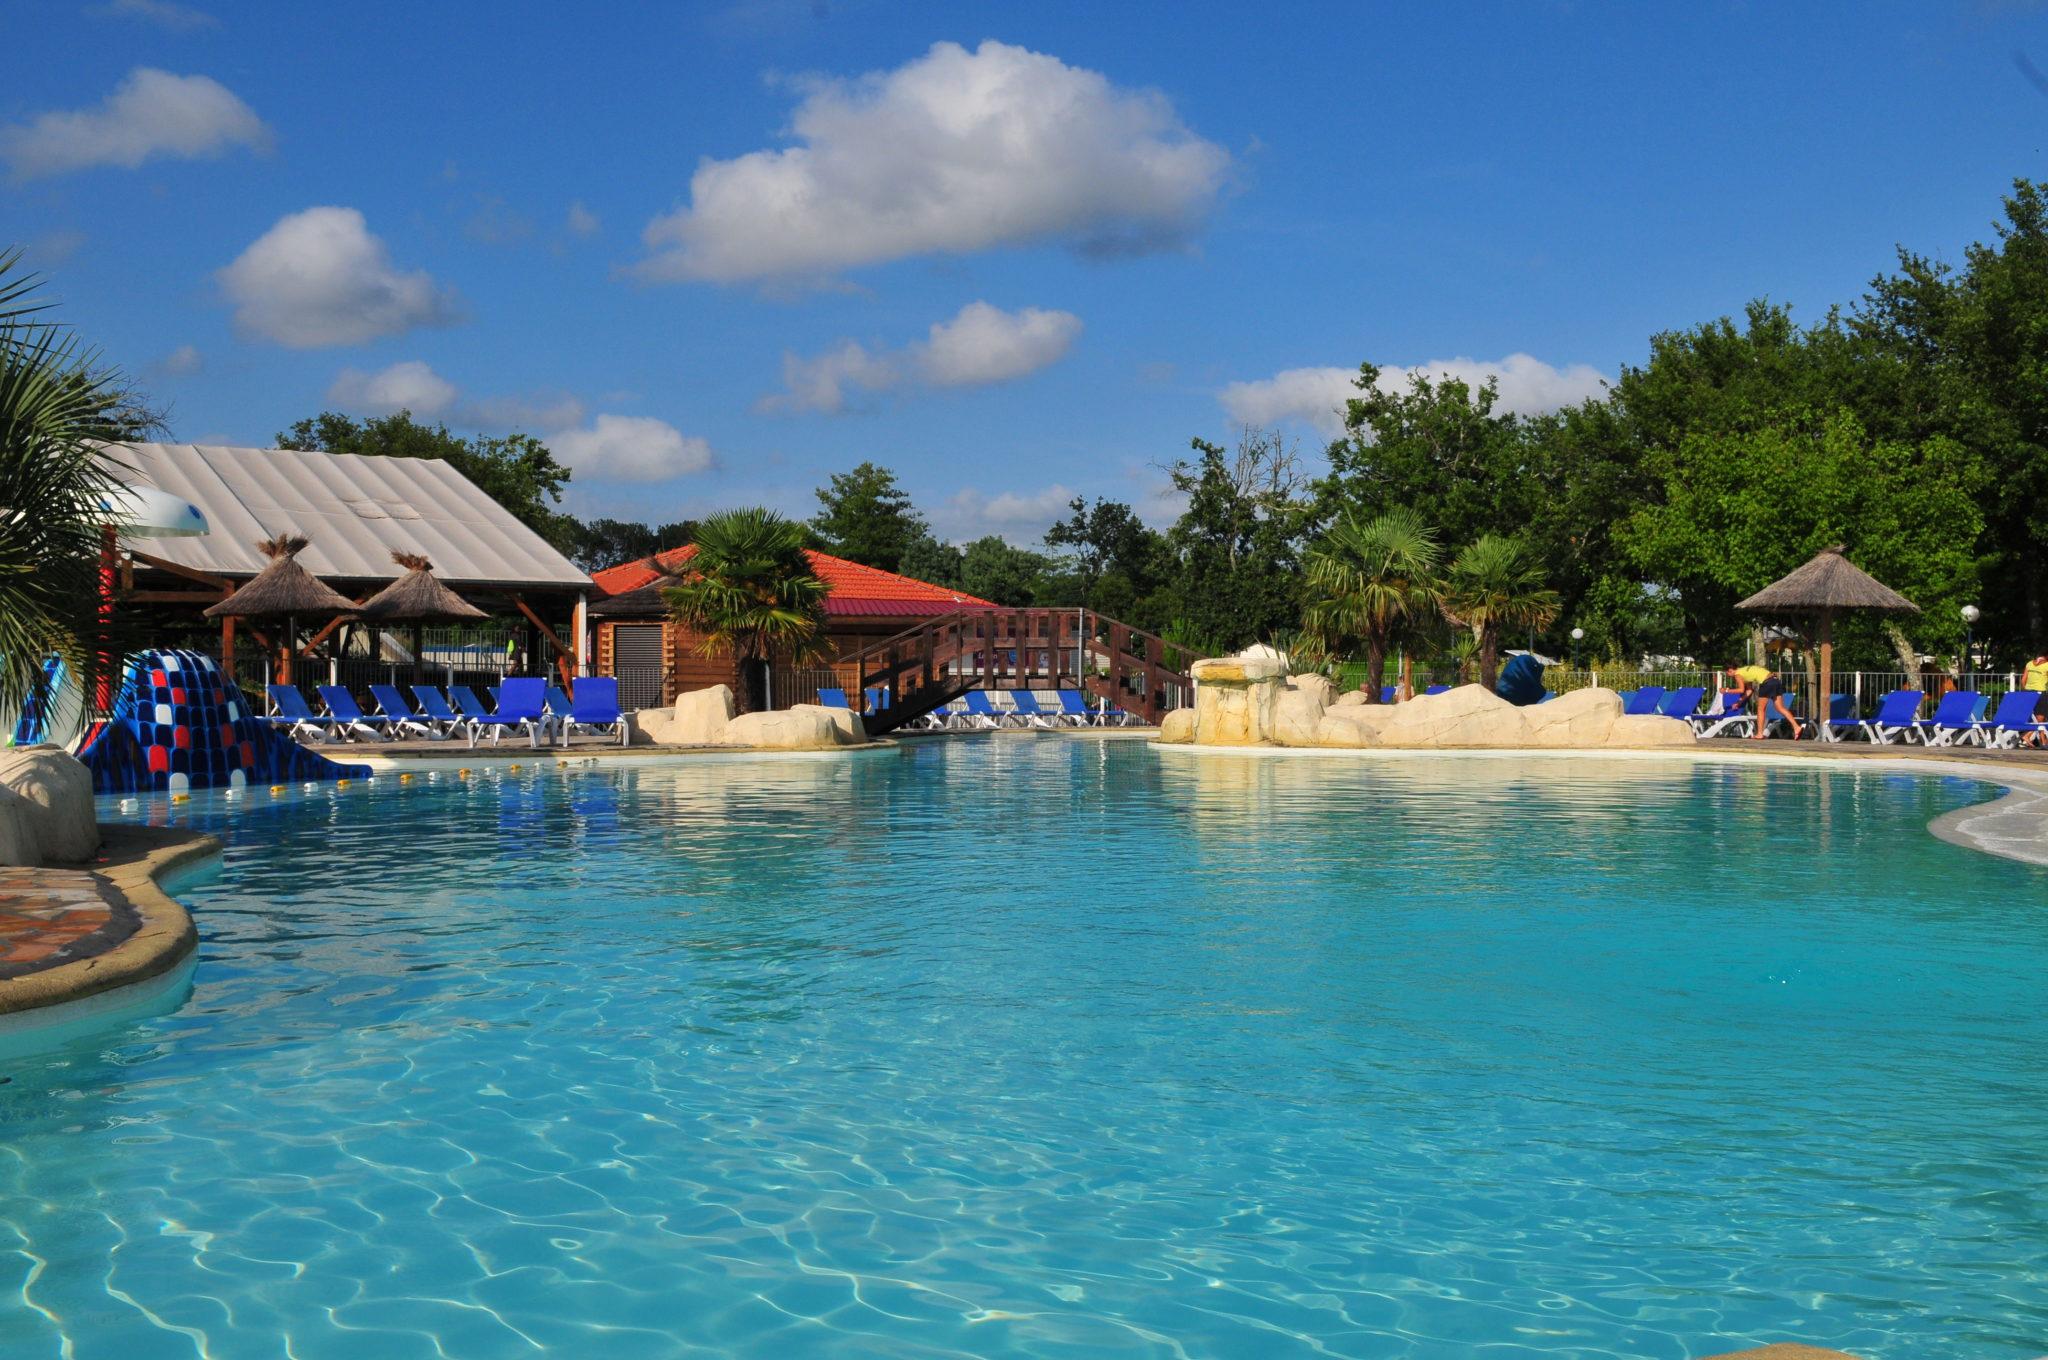 Campings Avec Piscine Dans Les Landes (40) Pour Vos Vacances pour Camping Dax Avec Piscine